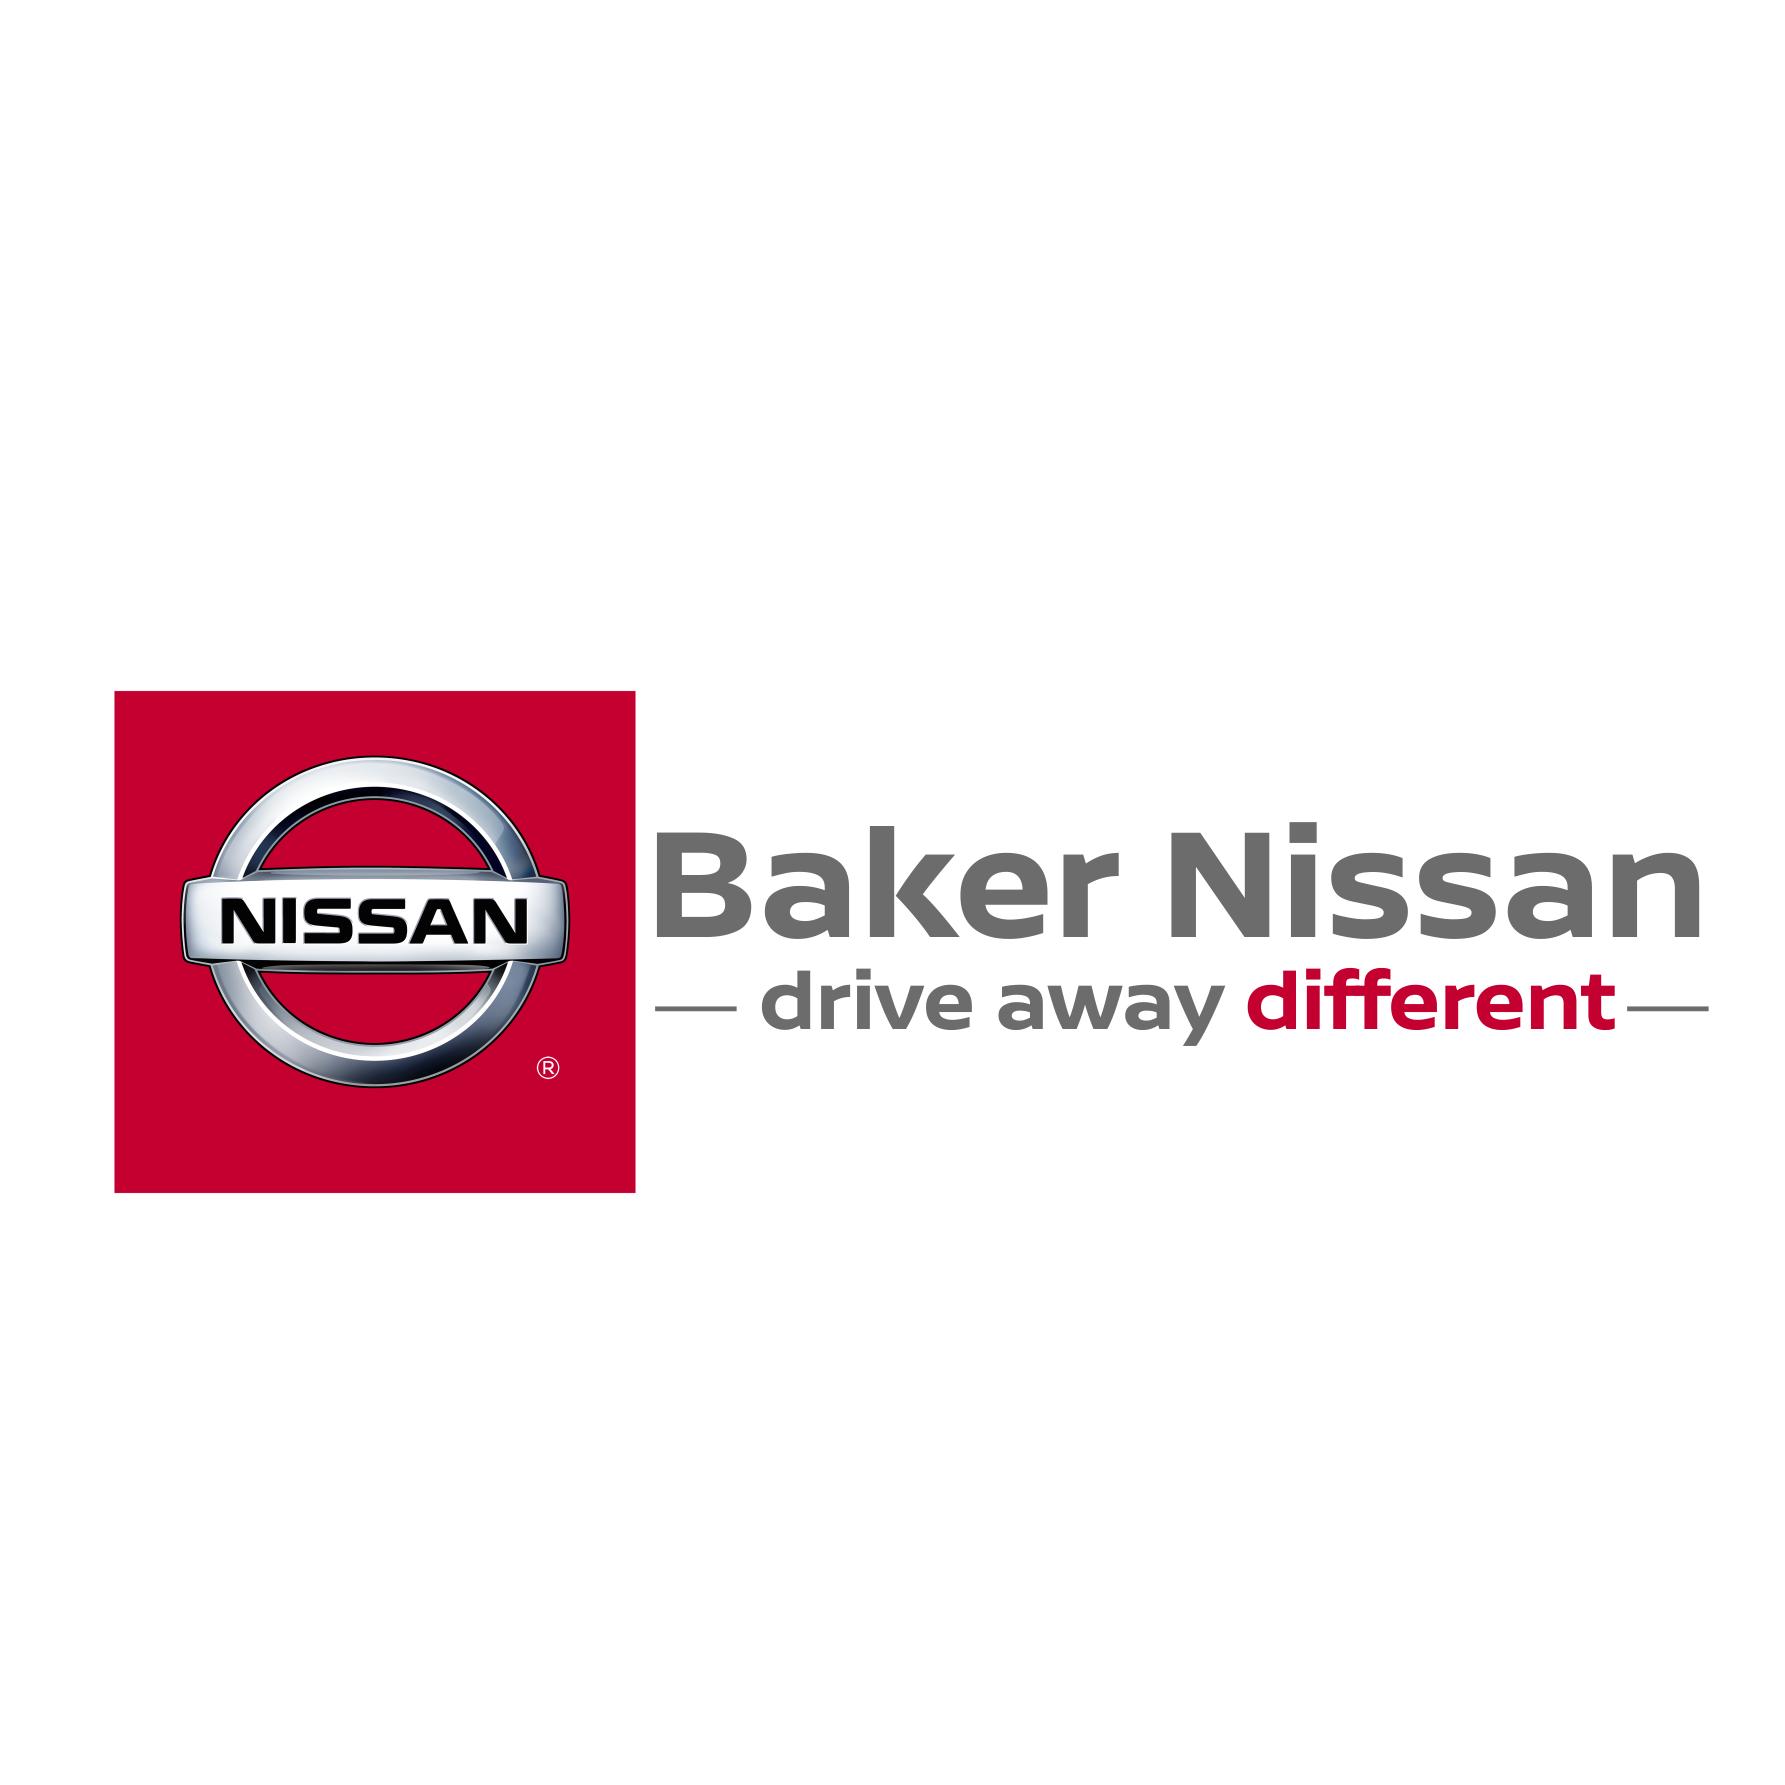 Baker Nissan